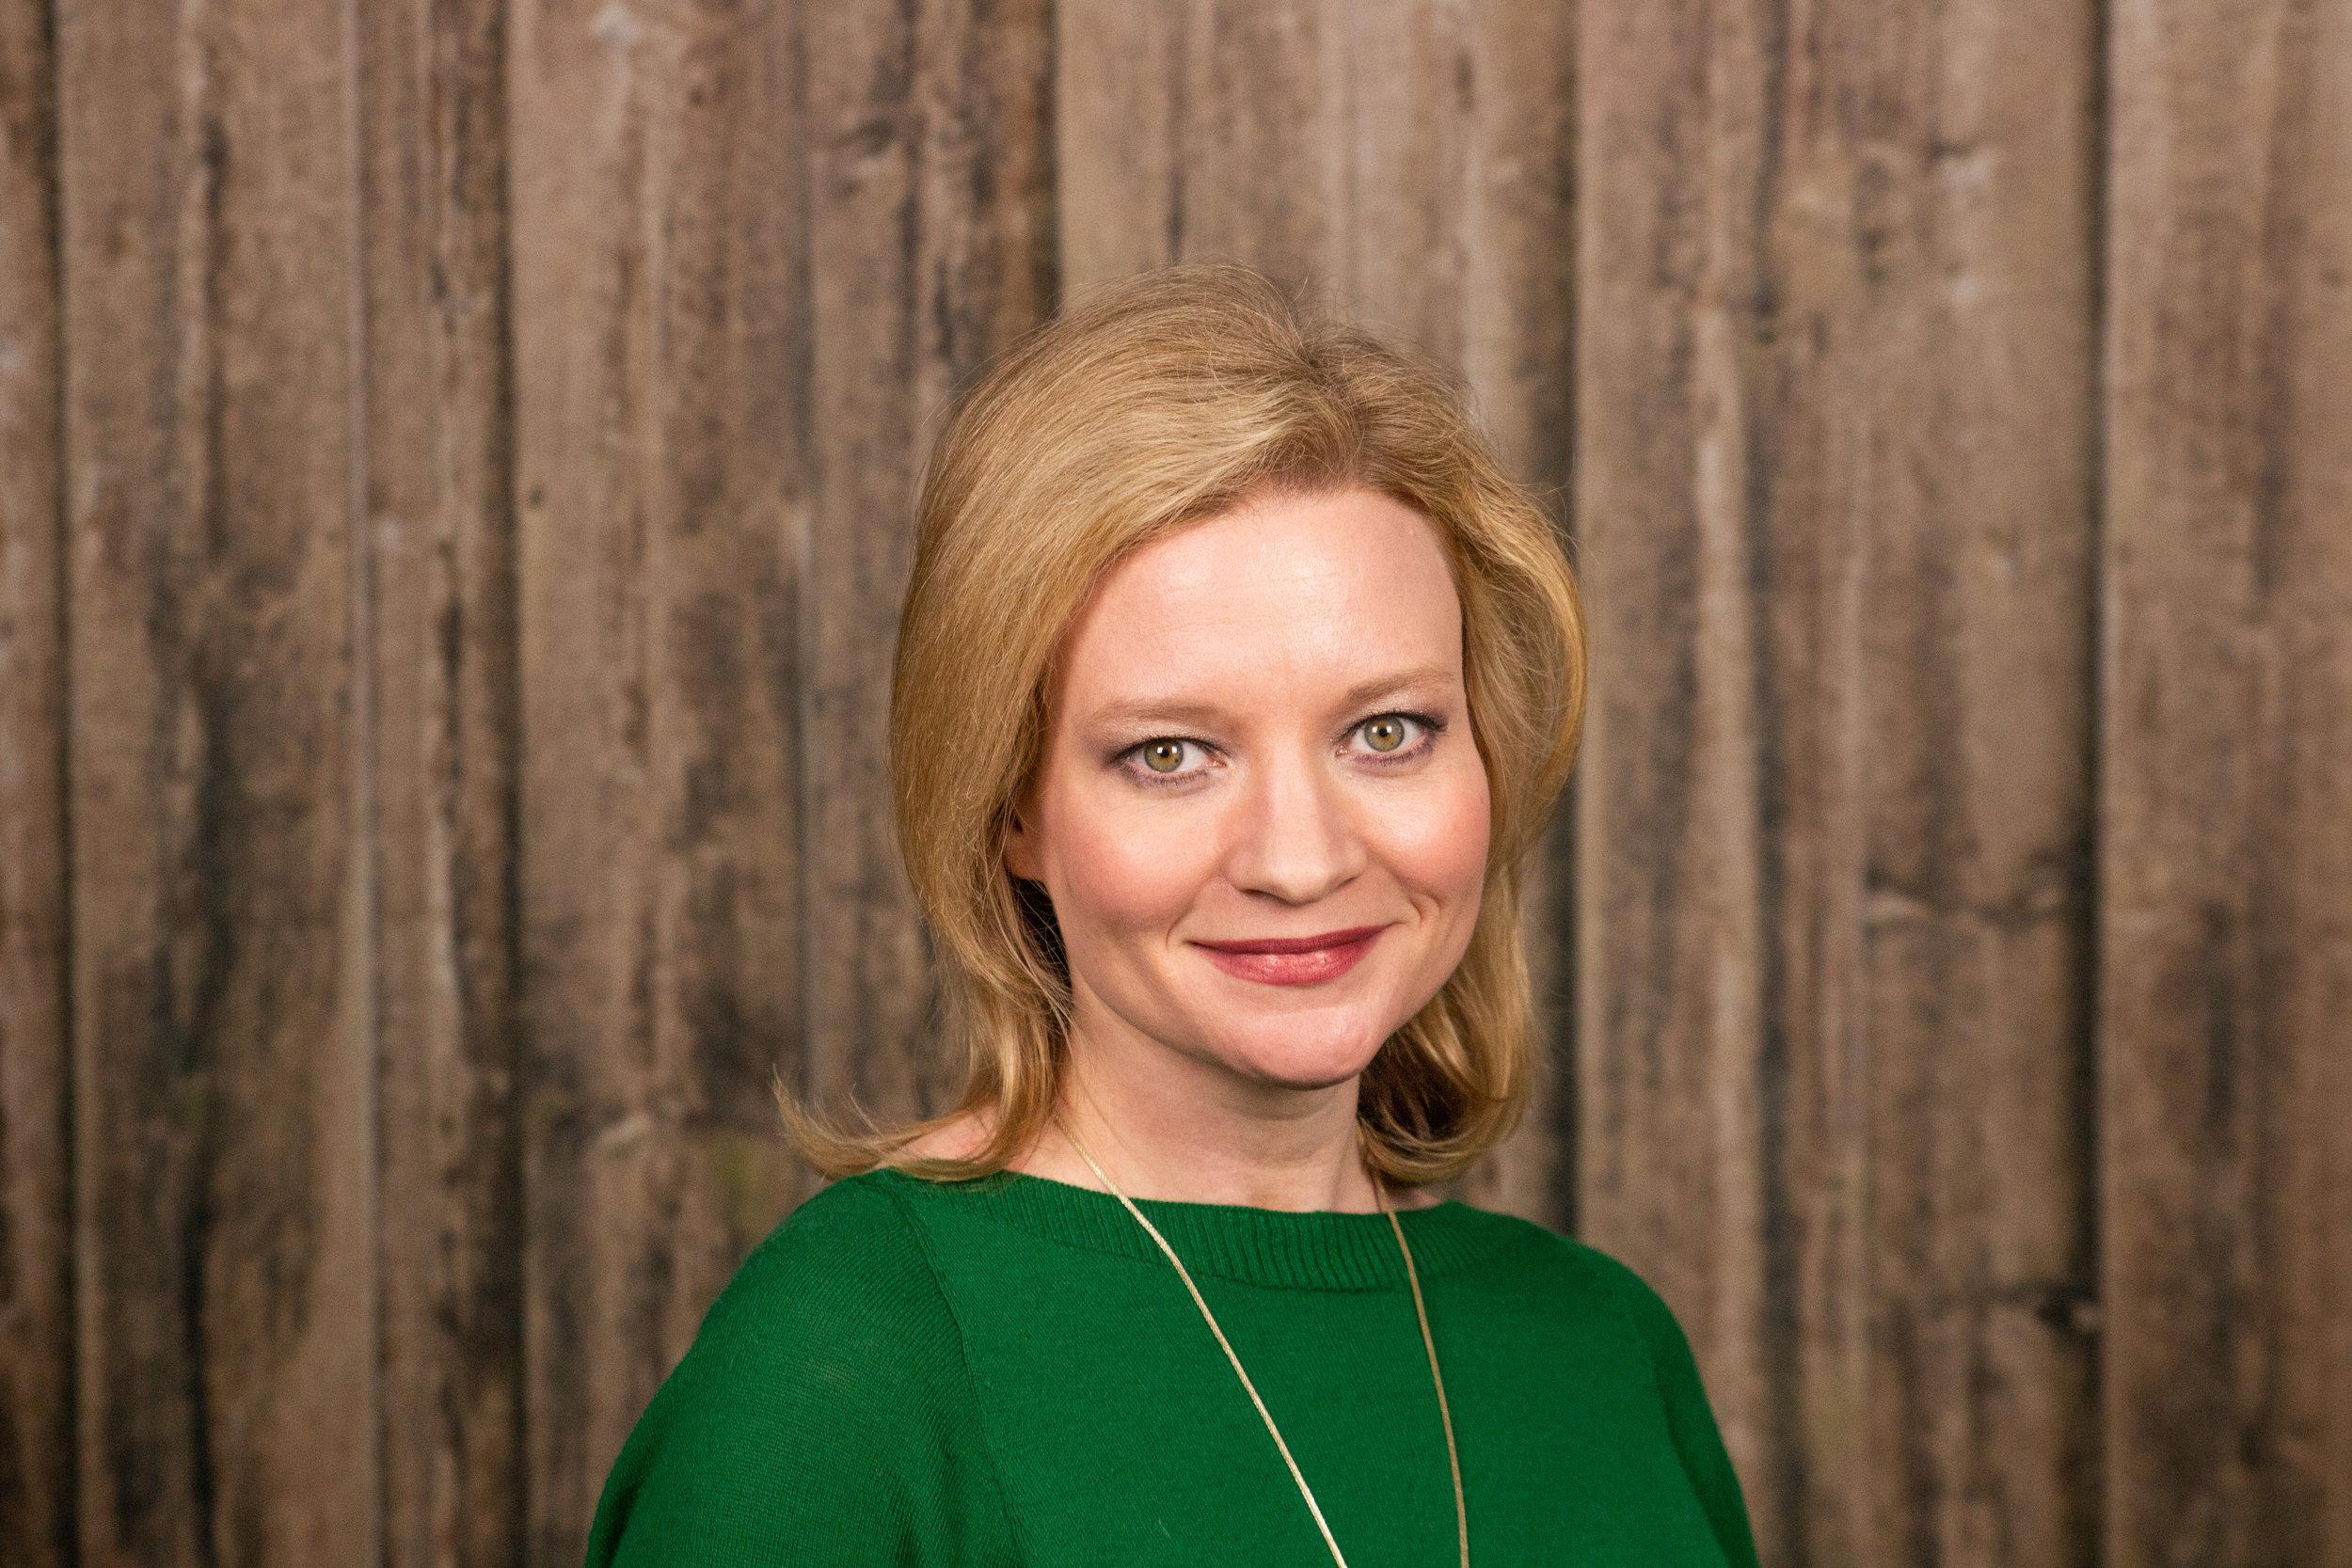 Lyndsey Reese